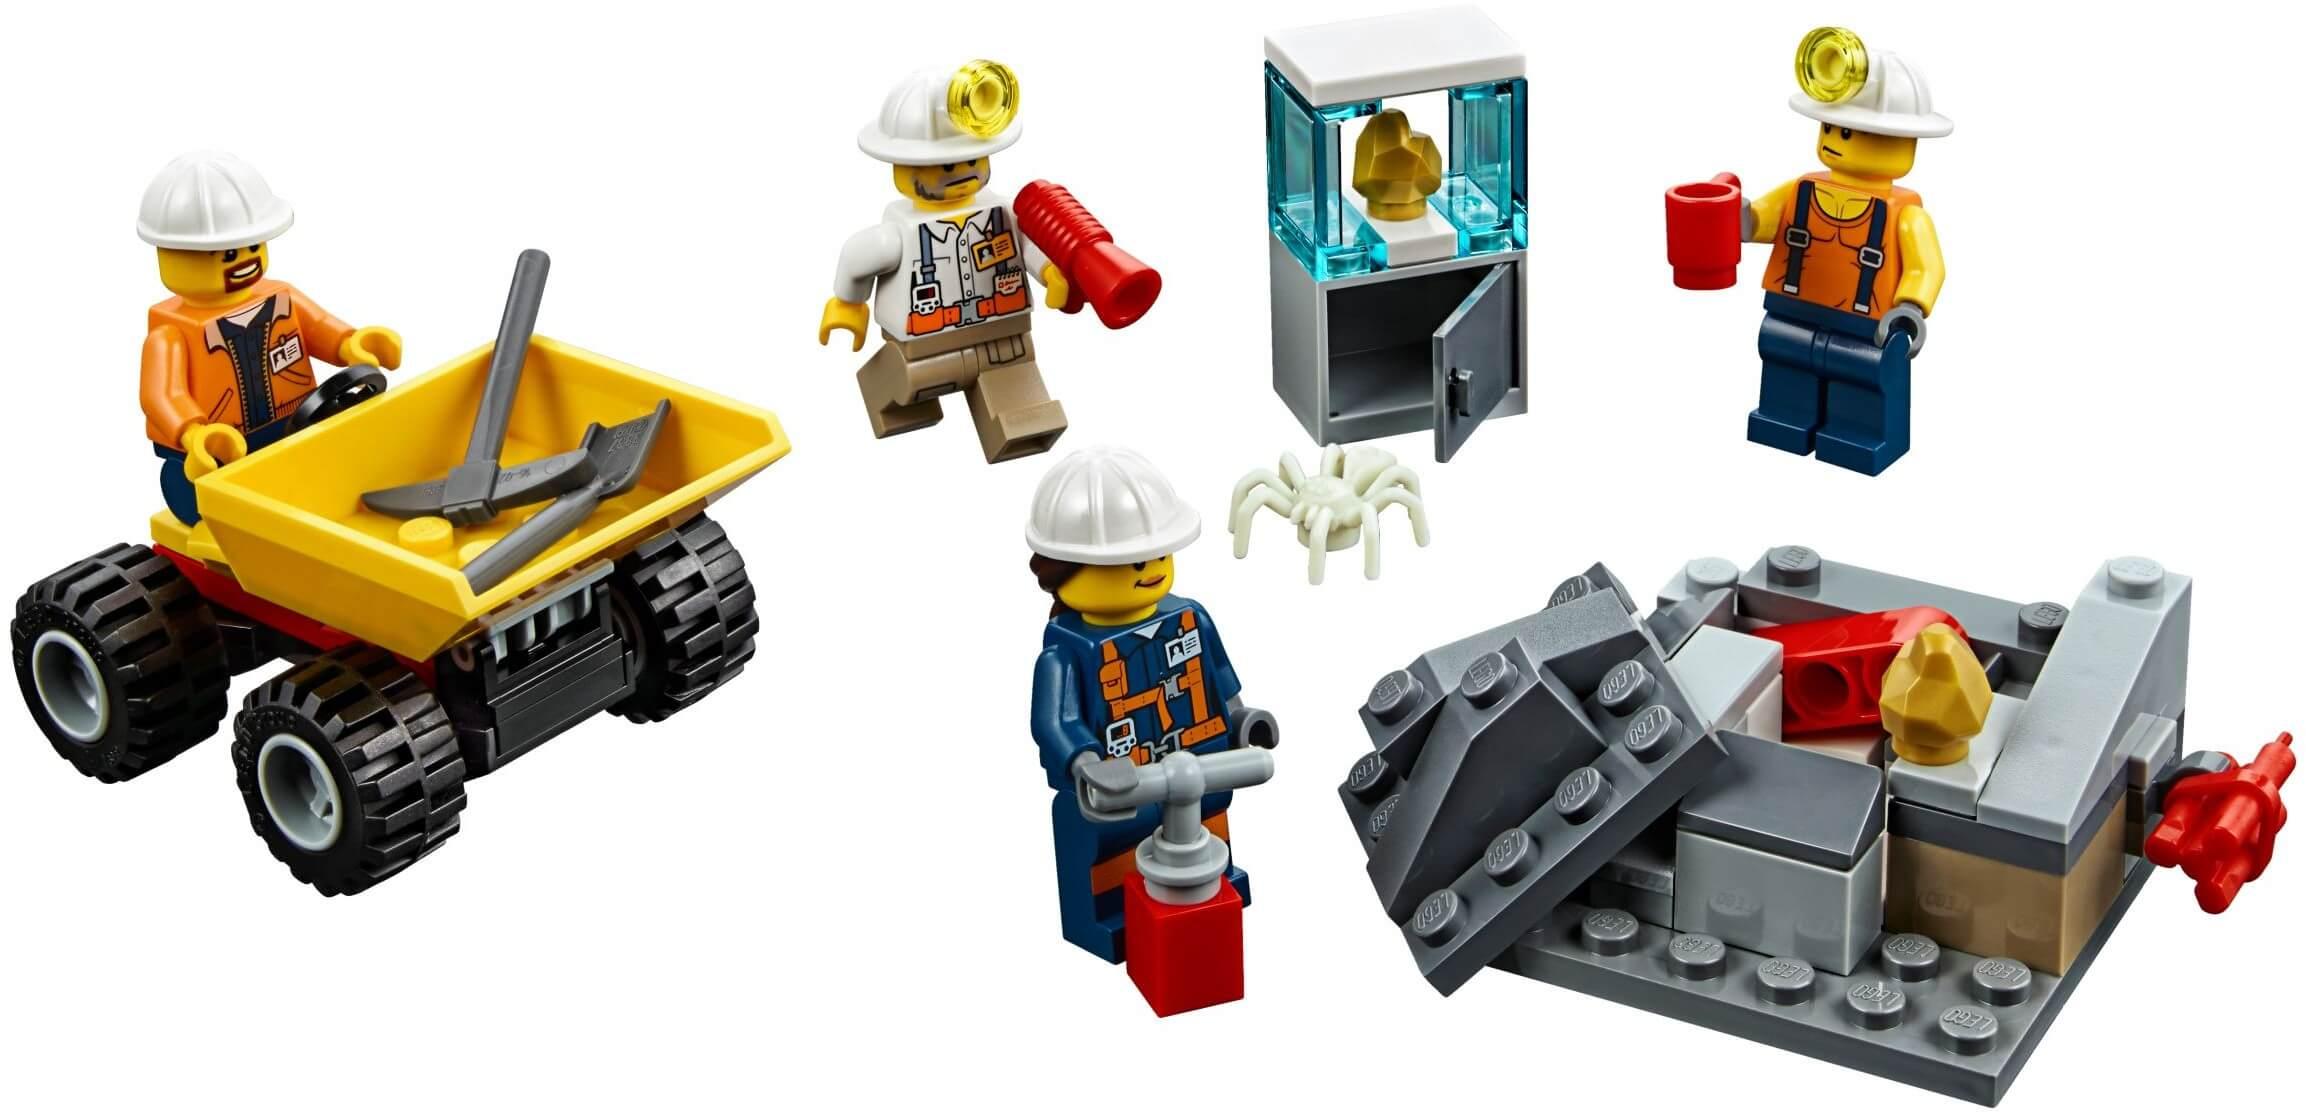 Mua đồ chơi LEGO 60184 - LEGO City 60184 - Đội Đào Mỏ Chuyên Nghiệp (LEGO City 60184 Mining Team)